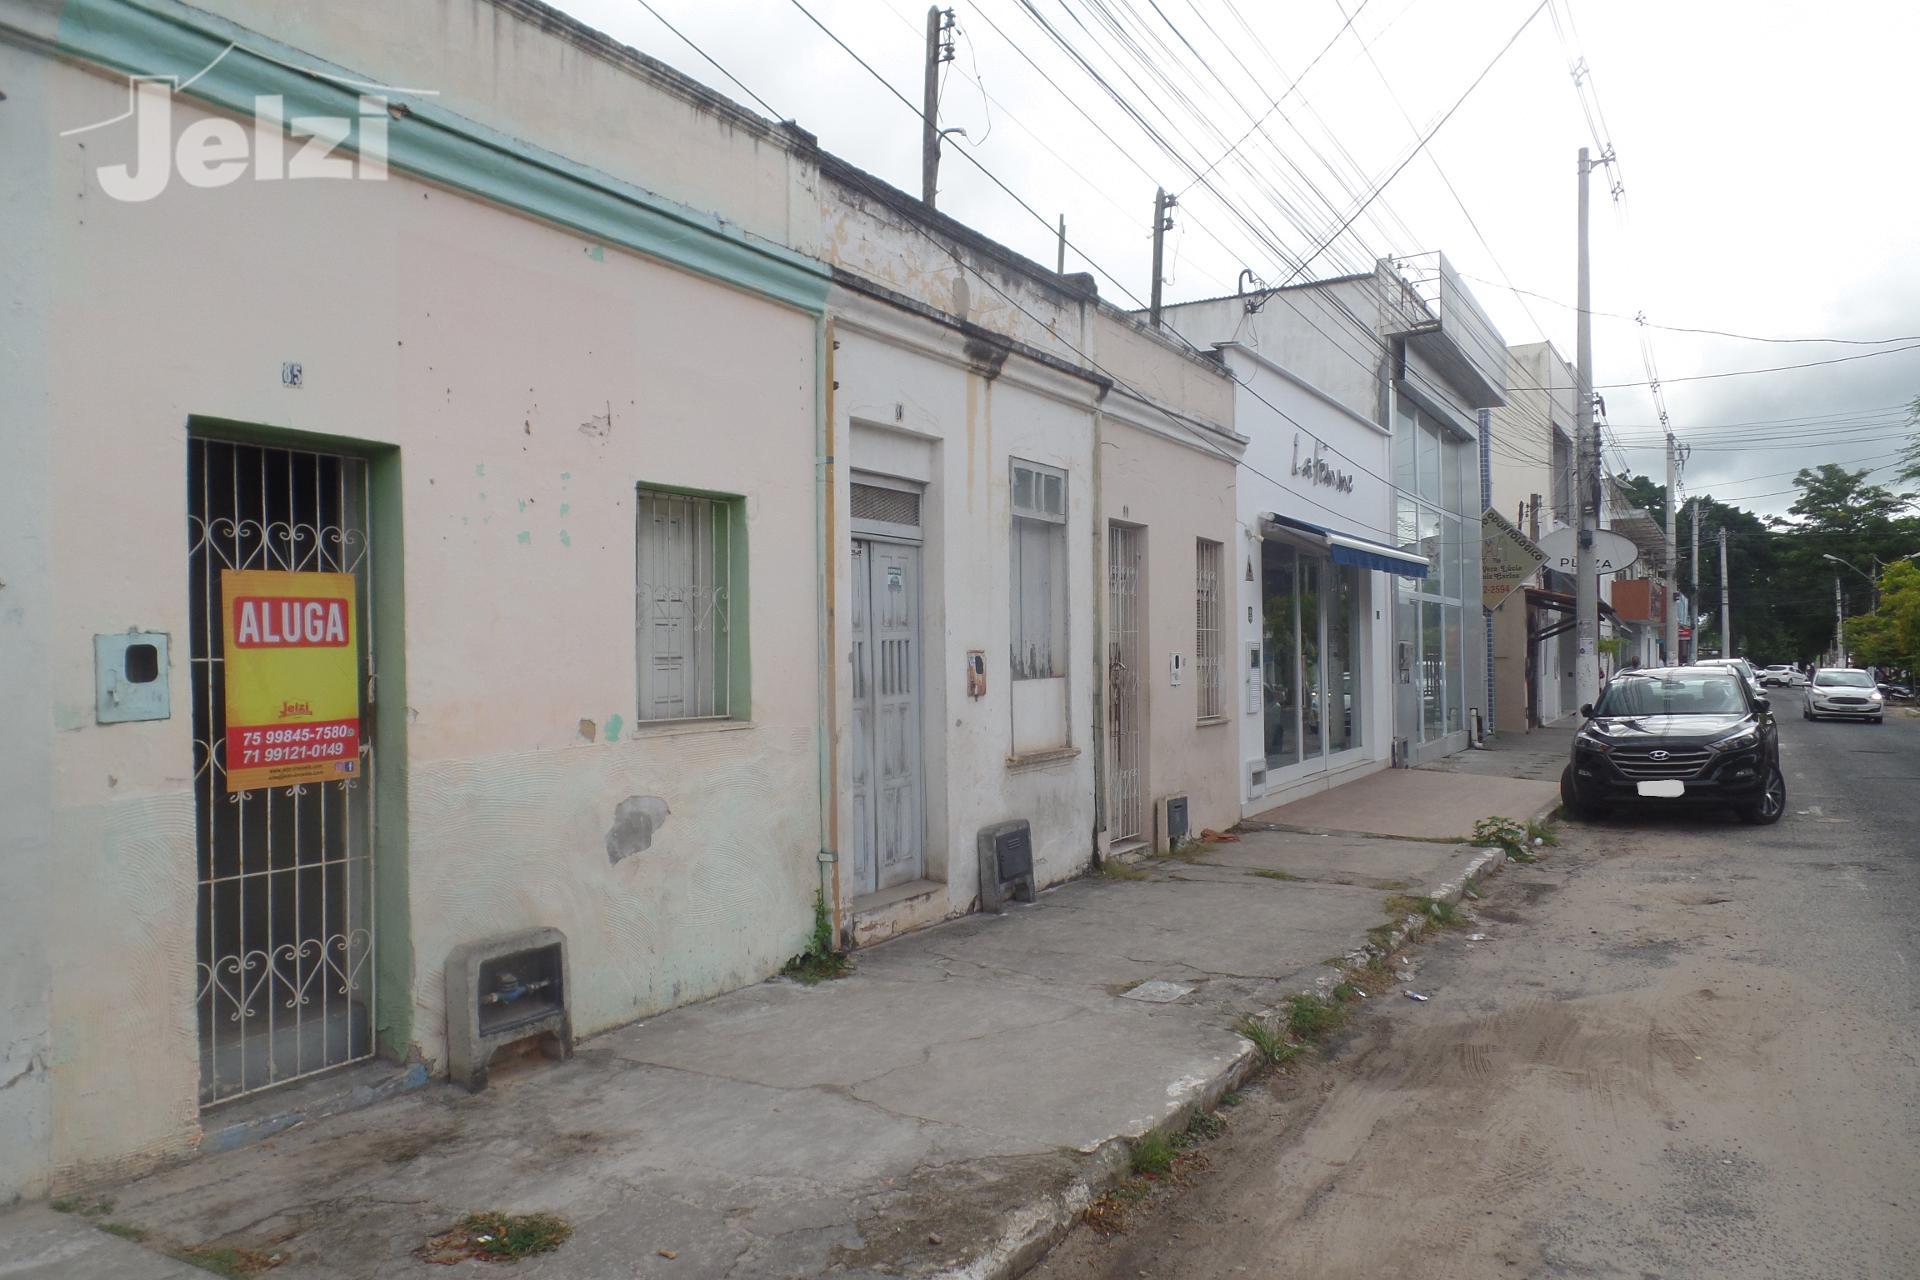 Comercial com 1 dormitório para locação, Praça Kennedy, ALAGOINHAS - BA